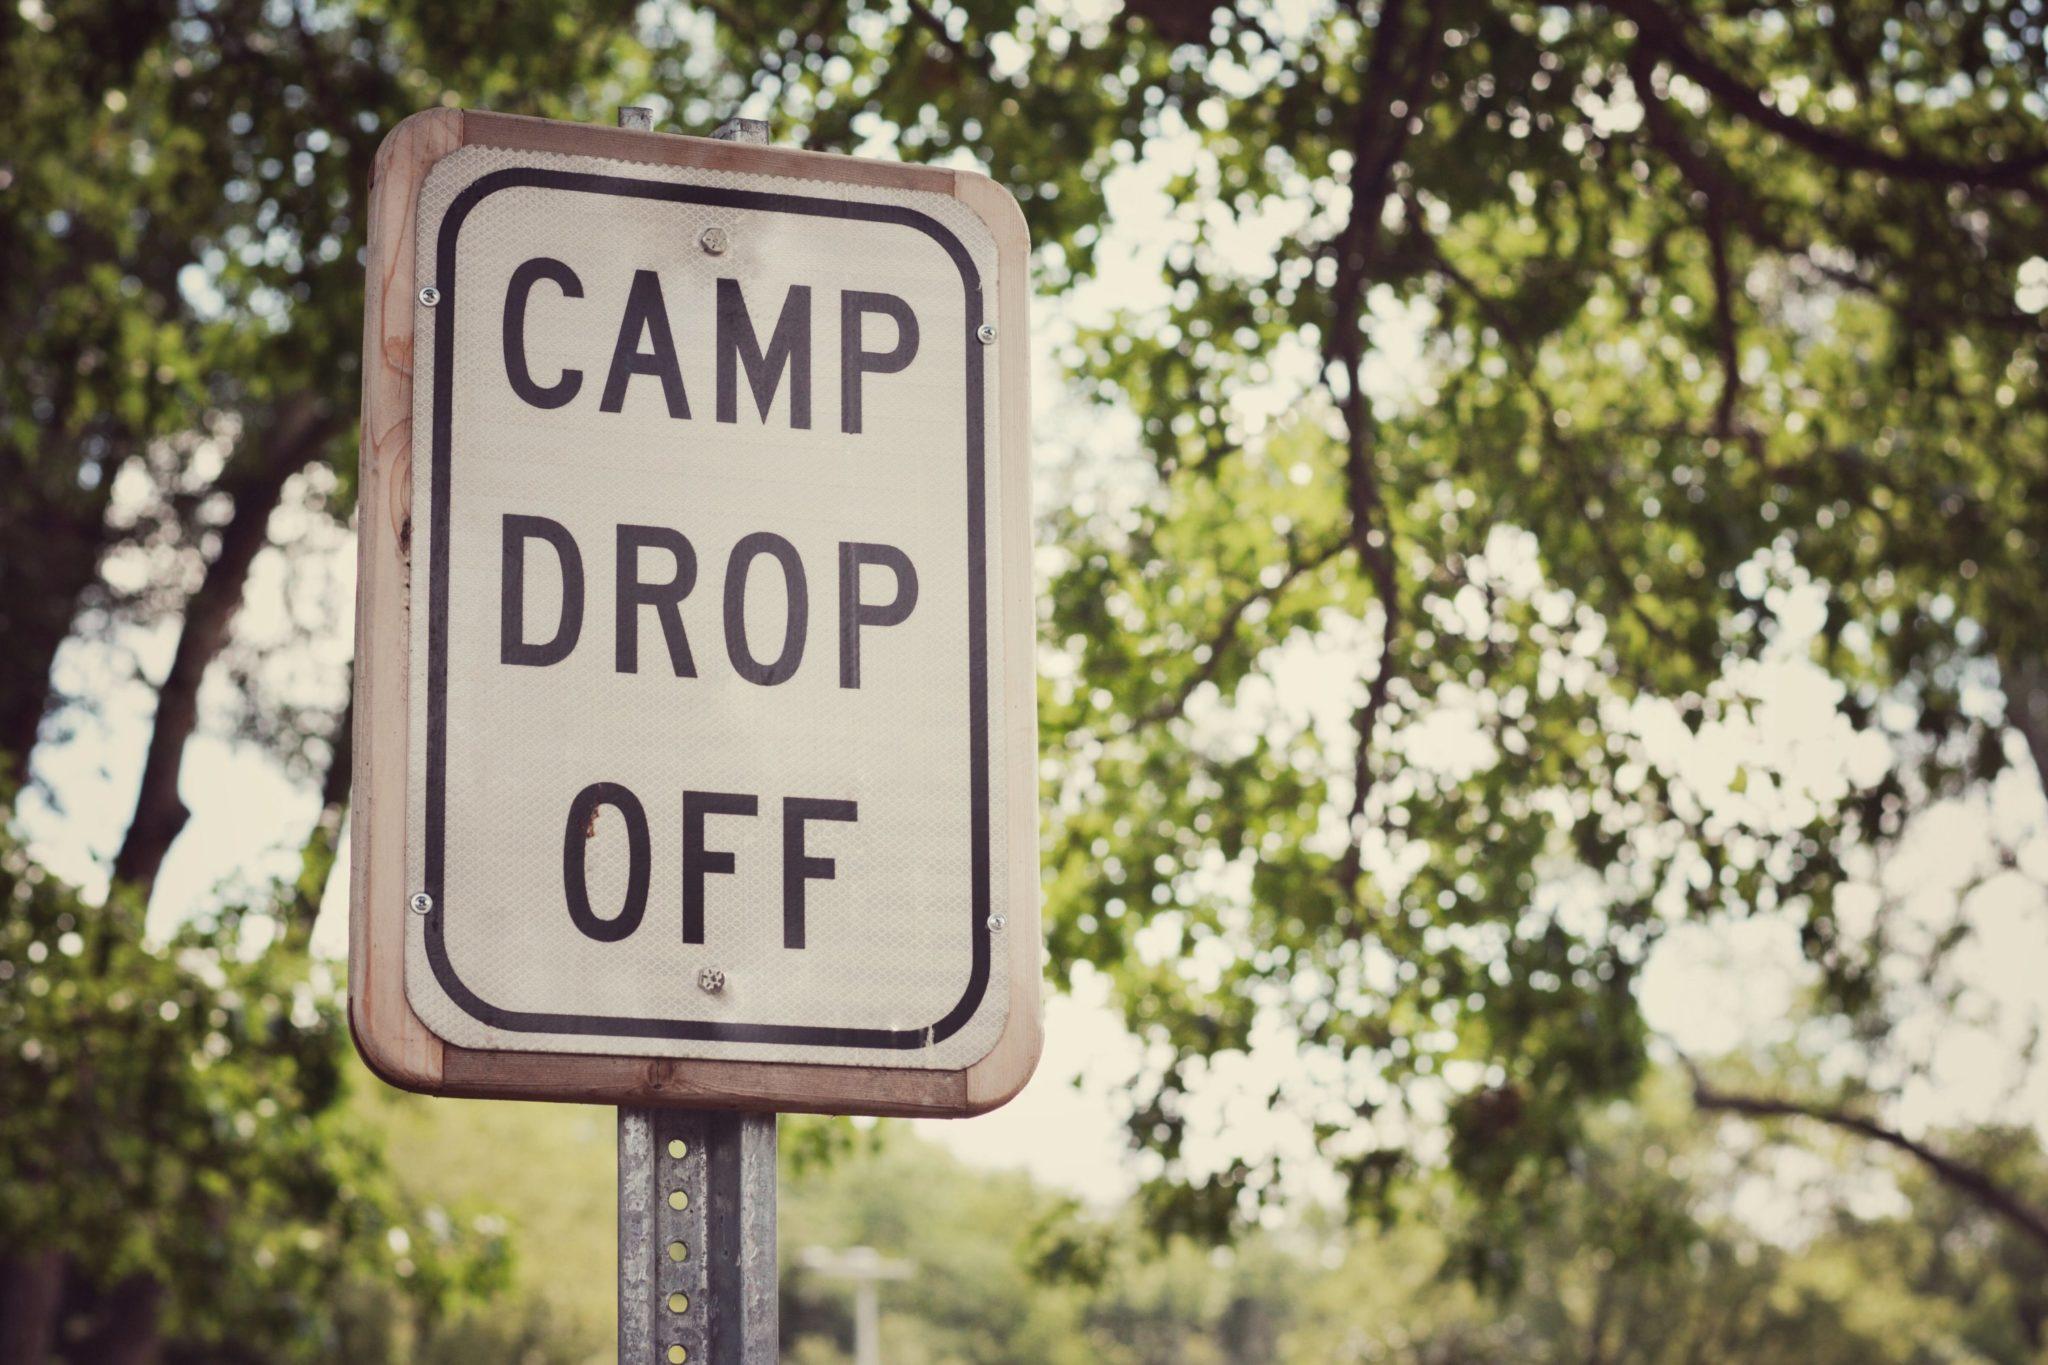 Summer camp drop off sign